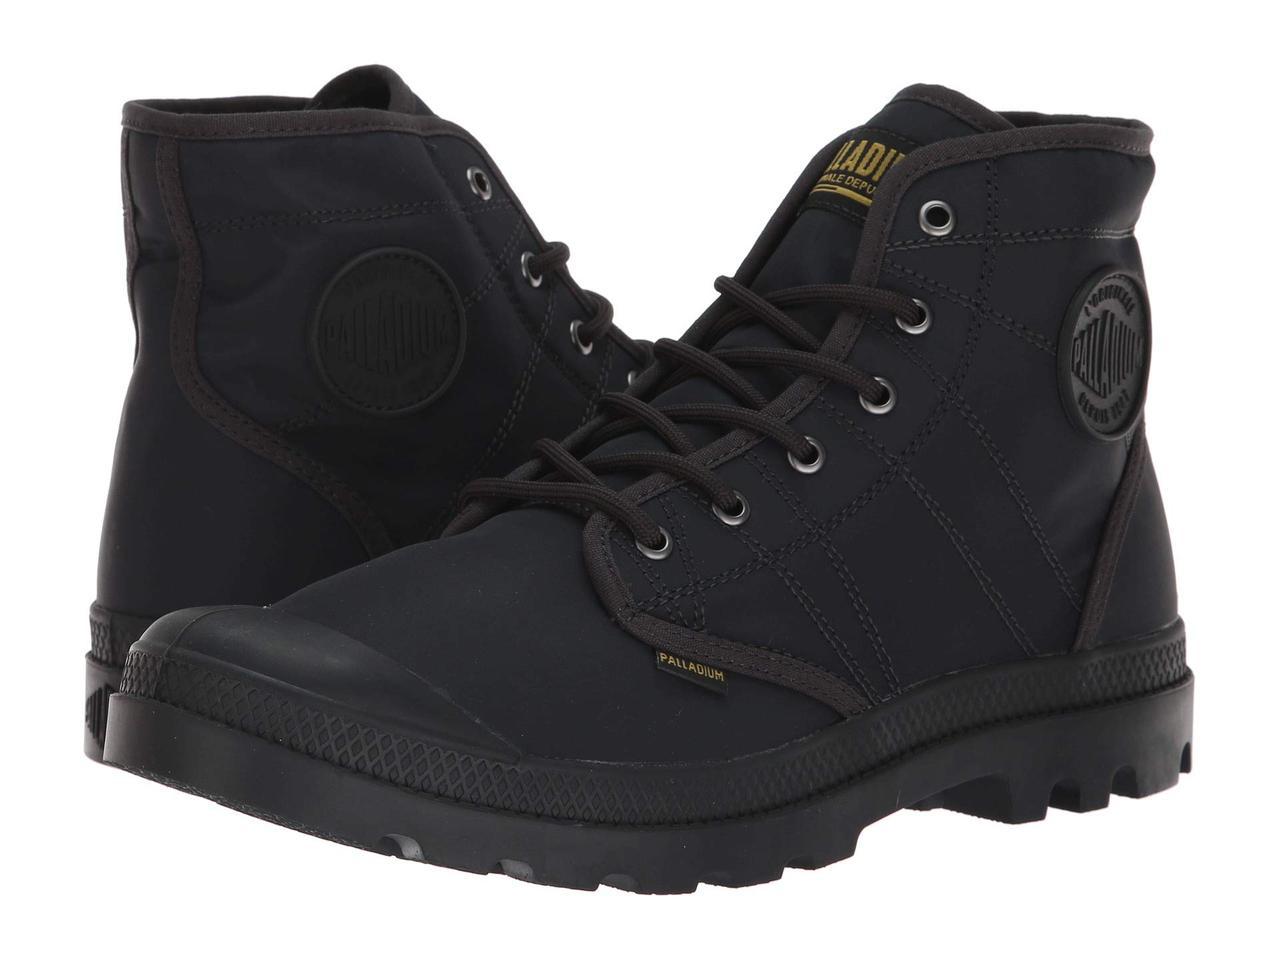 Ботинки Сапоги (Оригинал) Palladium Pallabrousse TX Anthracite Black ... cc6274e487b99